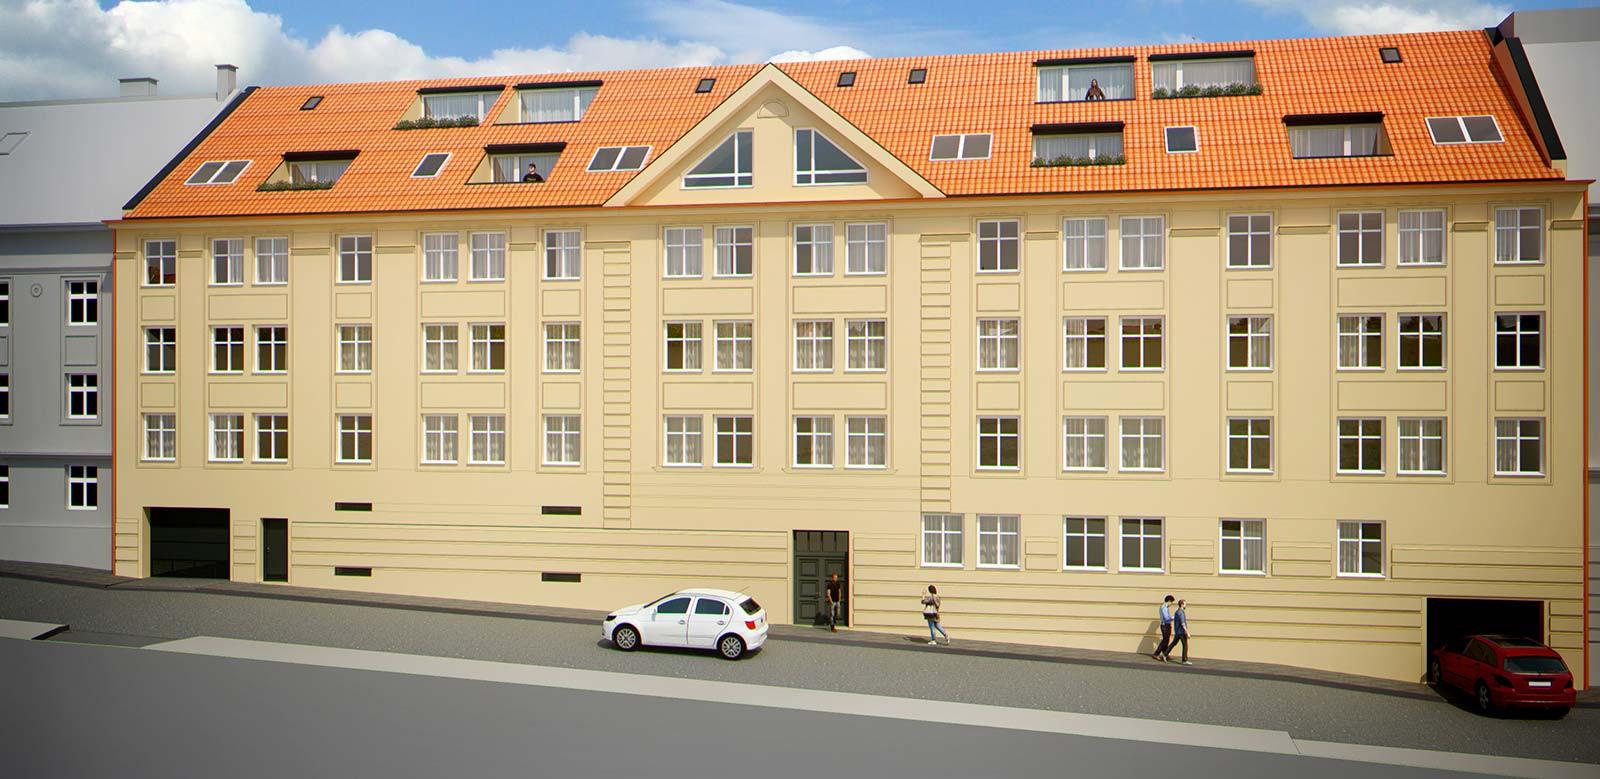 Byt, 3 - izbový, 77.49m2, Bratislava I - Staré Mesto, Beskydská ulica